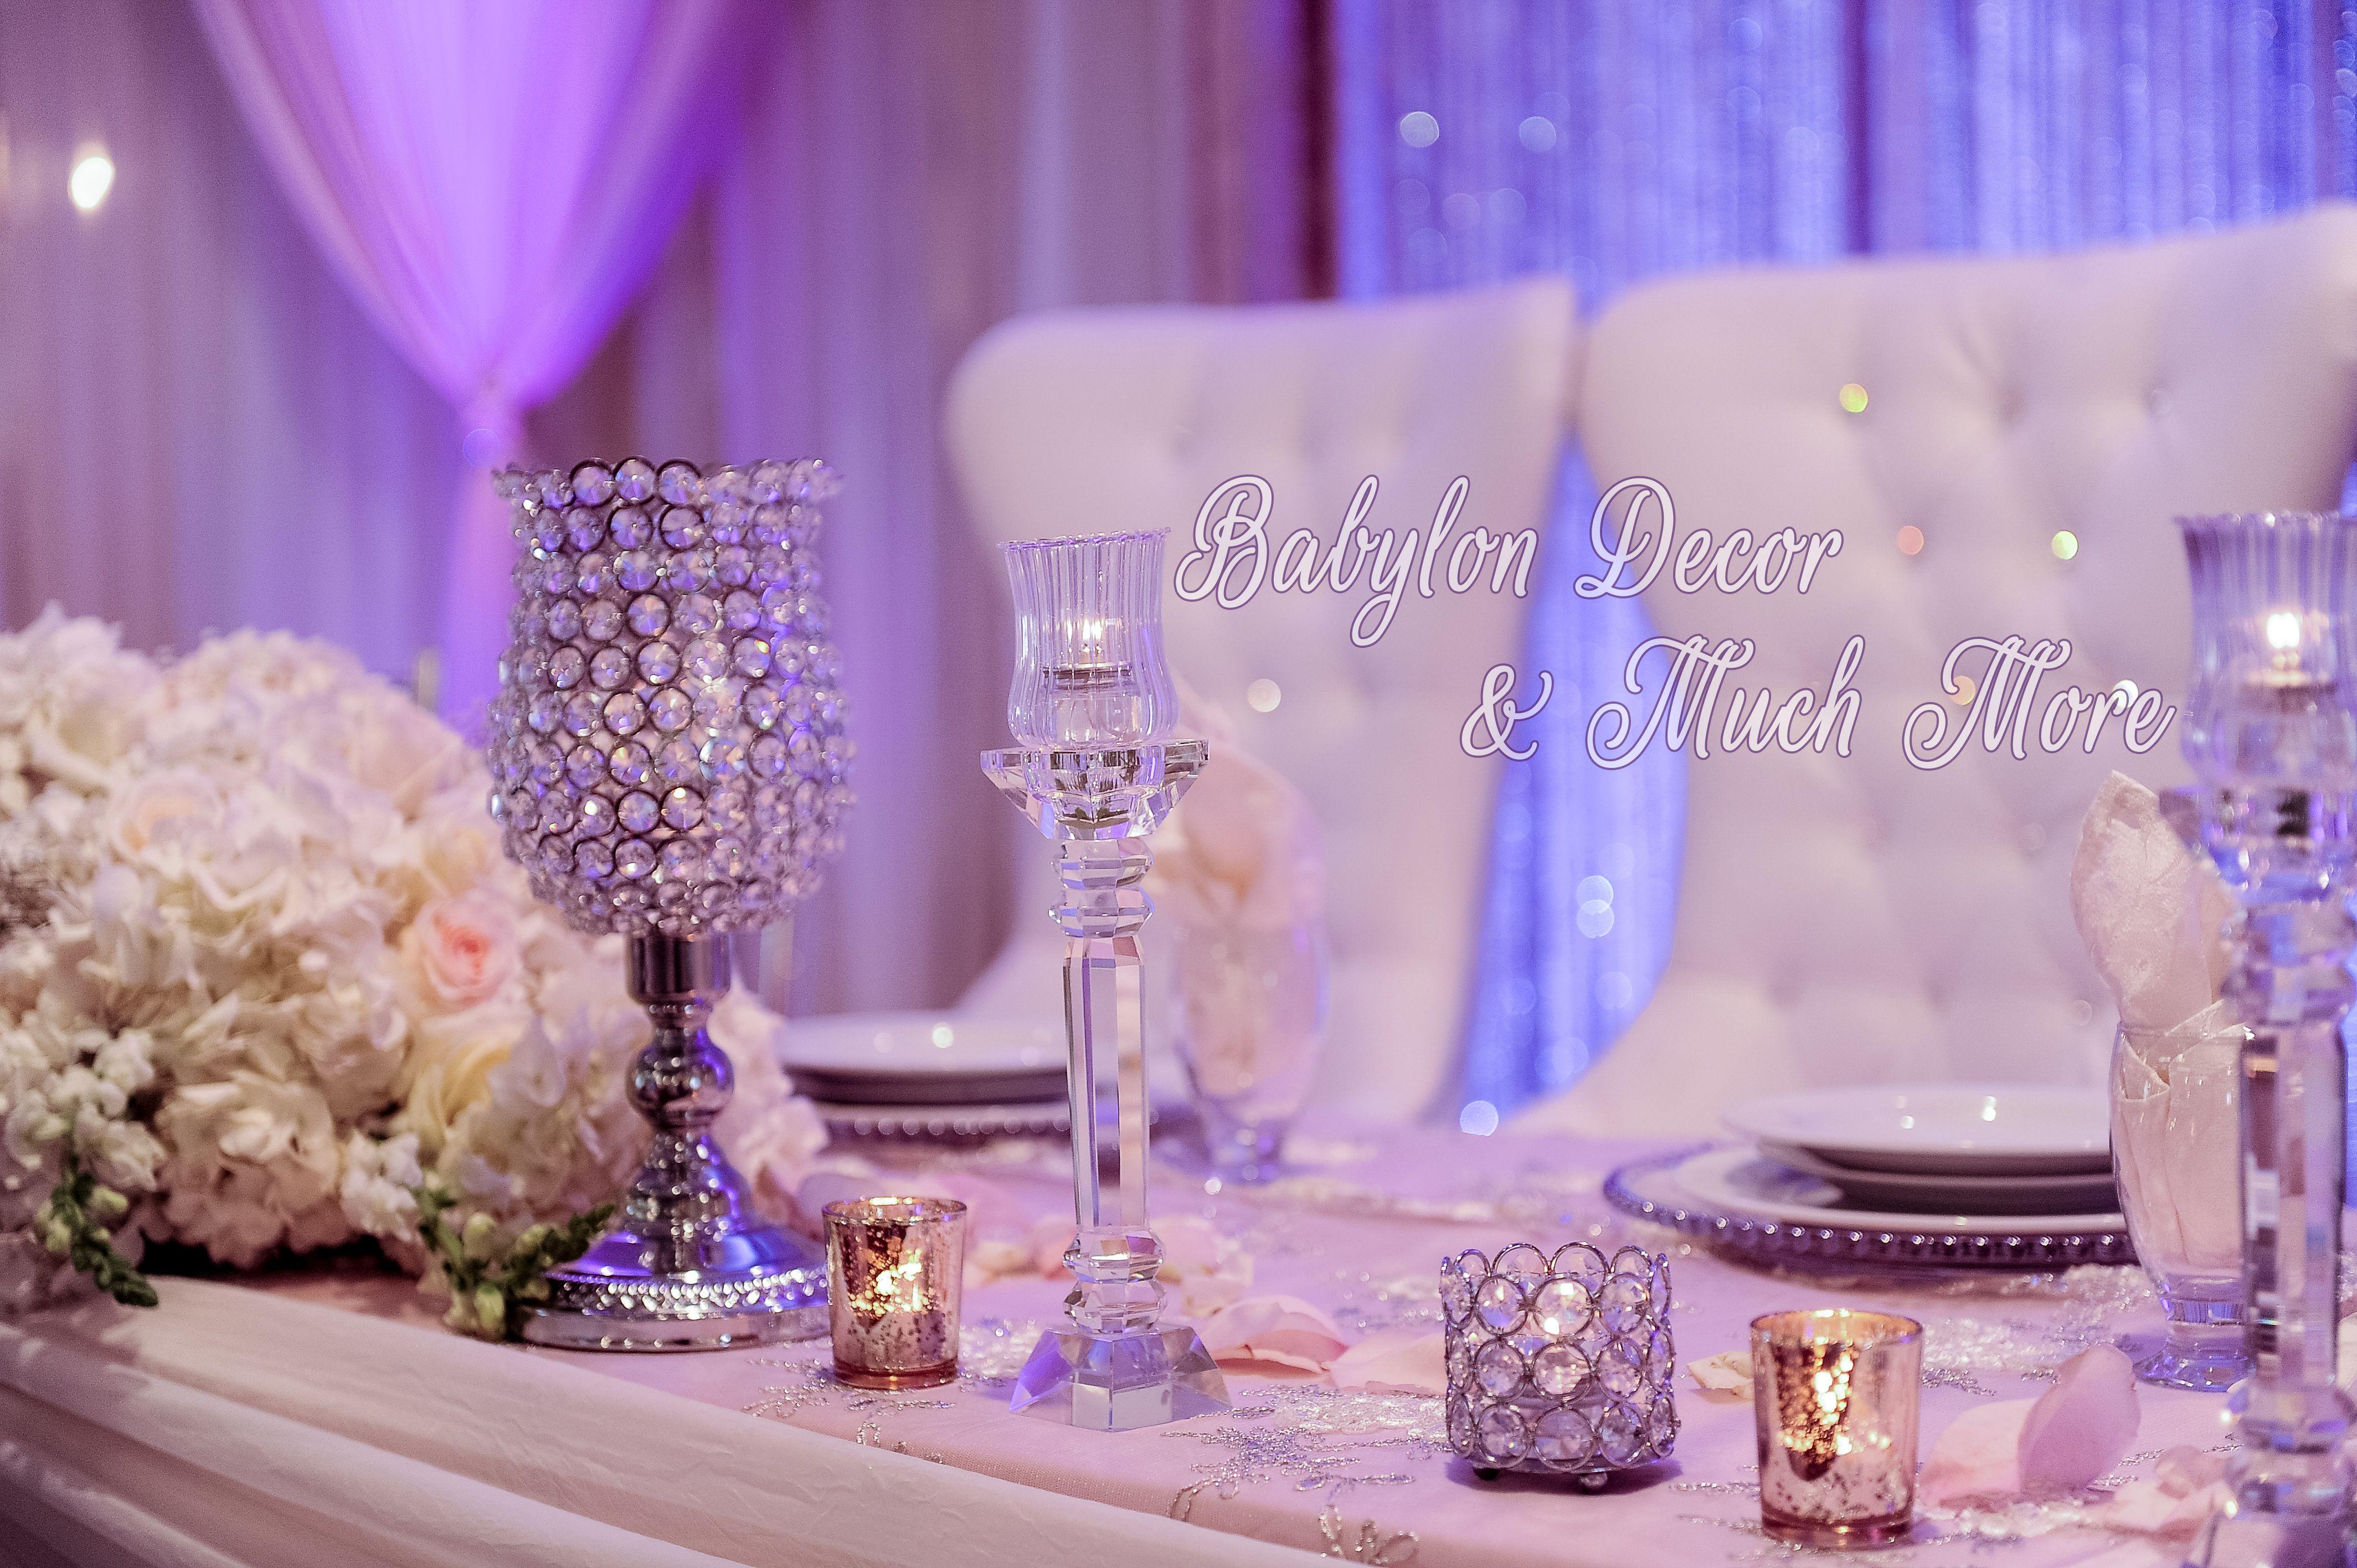 wedding decorations beautiful setup decorbabylon